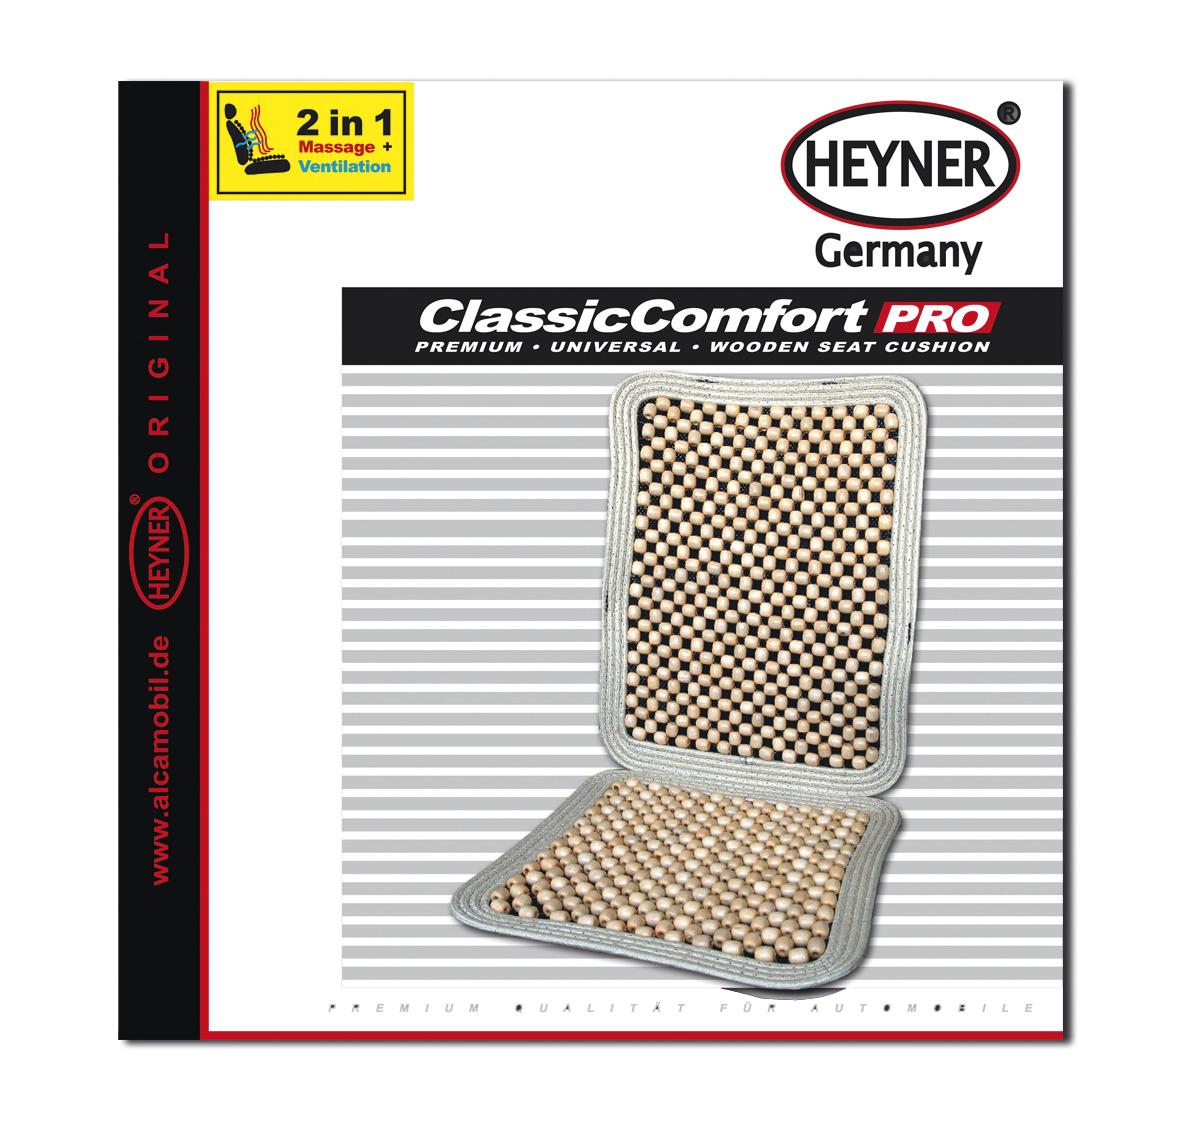 Накидка-массажер на сиденье Heyner, деревянные шарики, сиденье 38 х 38 см, спинка 50 х 38 см710000Накидка Heyner обеспечивает массаж и охлаждение для водителя и пассажиров посредством деревянных шариков. Быстро и просто устанавливается на все типы автомобильных сидений.Размер сиденья: 38 х 38 см.Размер спинки: 50 х 38 см.